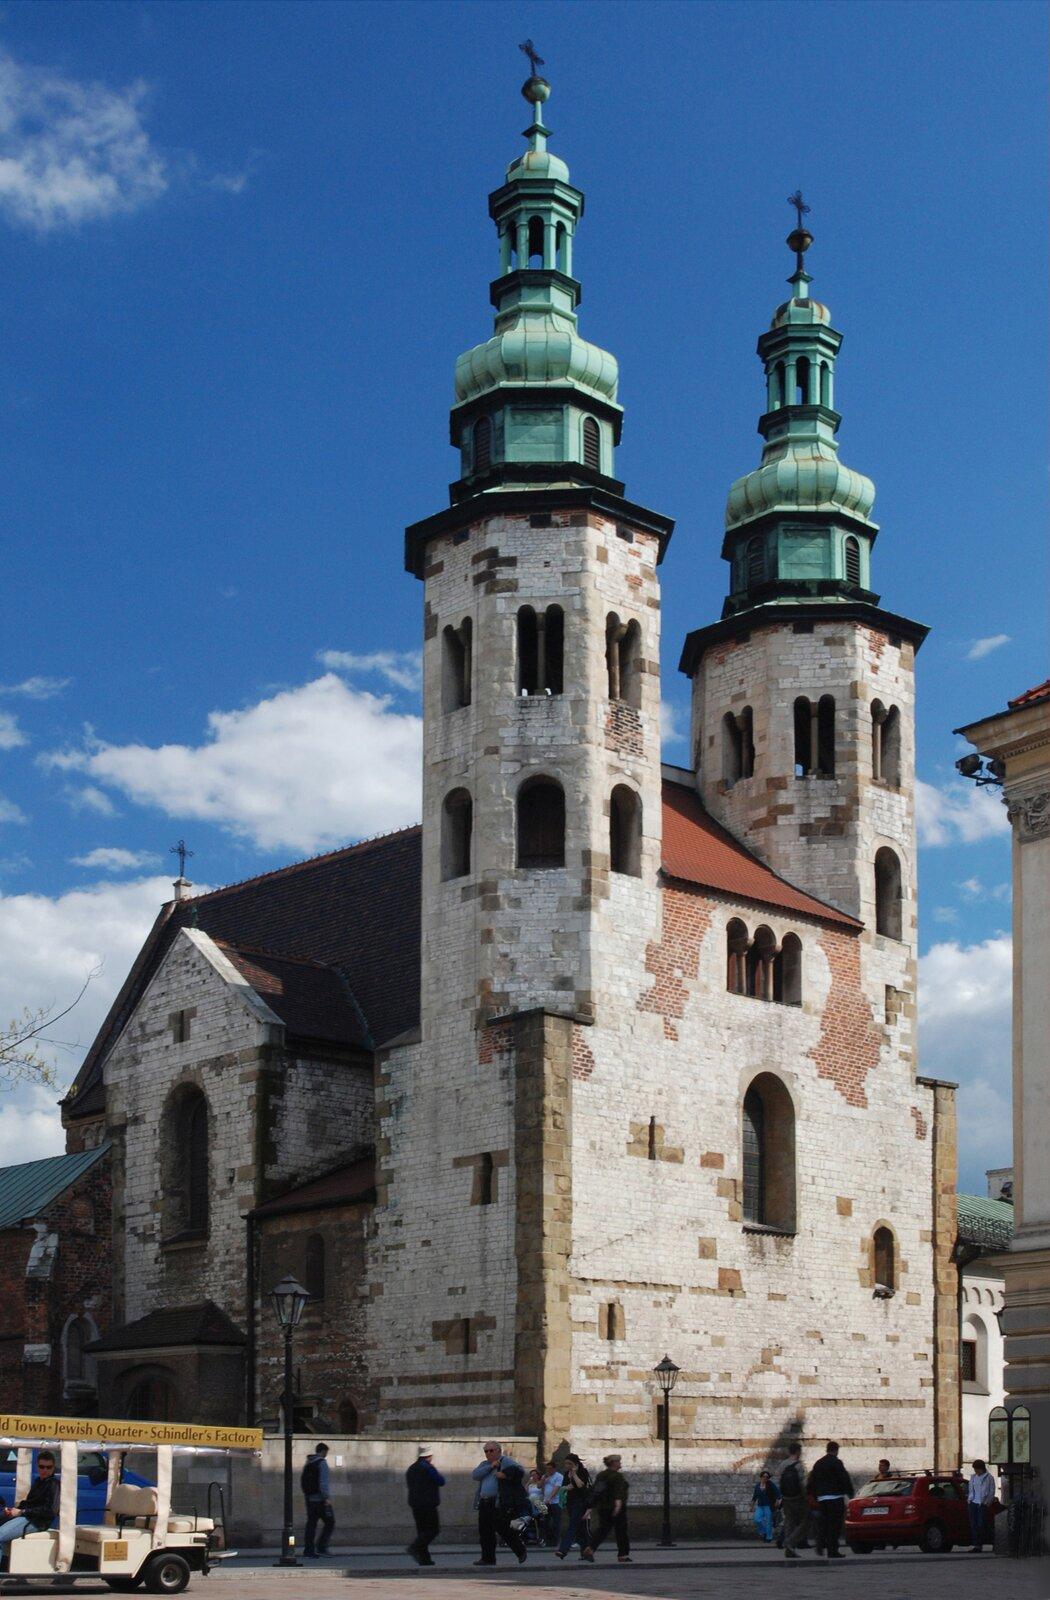 Kościół św. Andrzeja wKrakowie Kościół św. Andrzeja wKrakowie Źródło: Cancre, licencja: CC BY-SA 4.0.